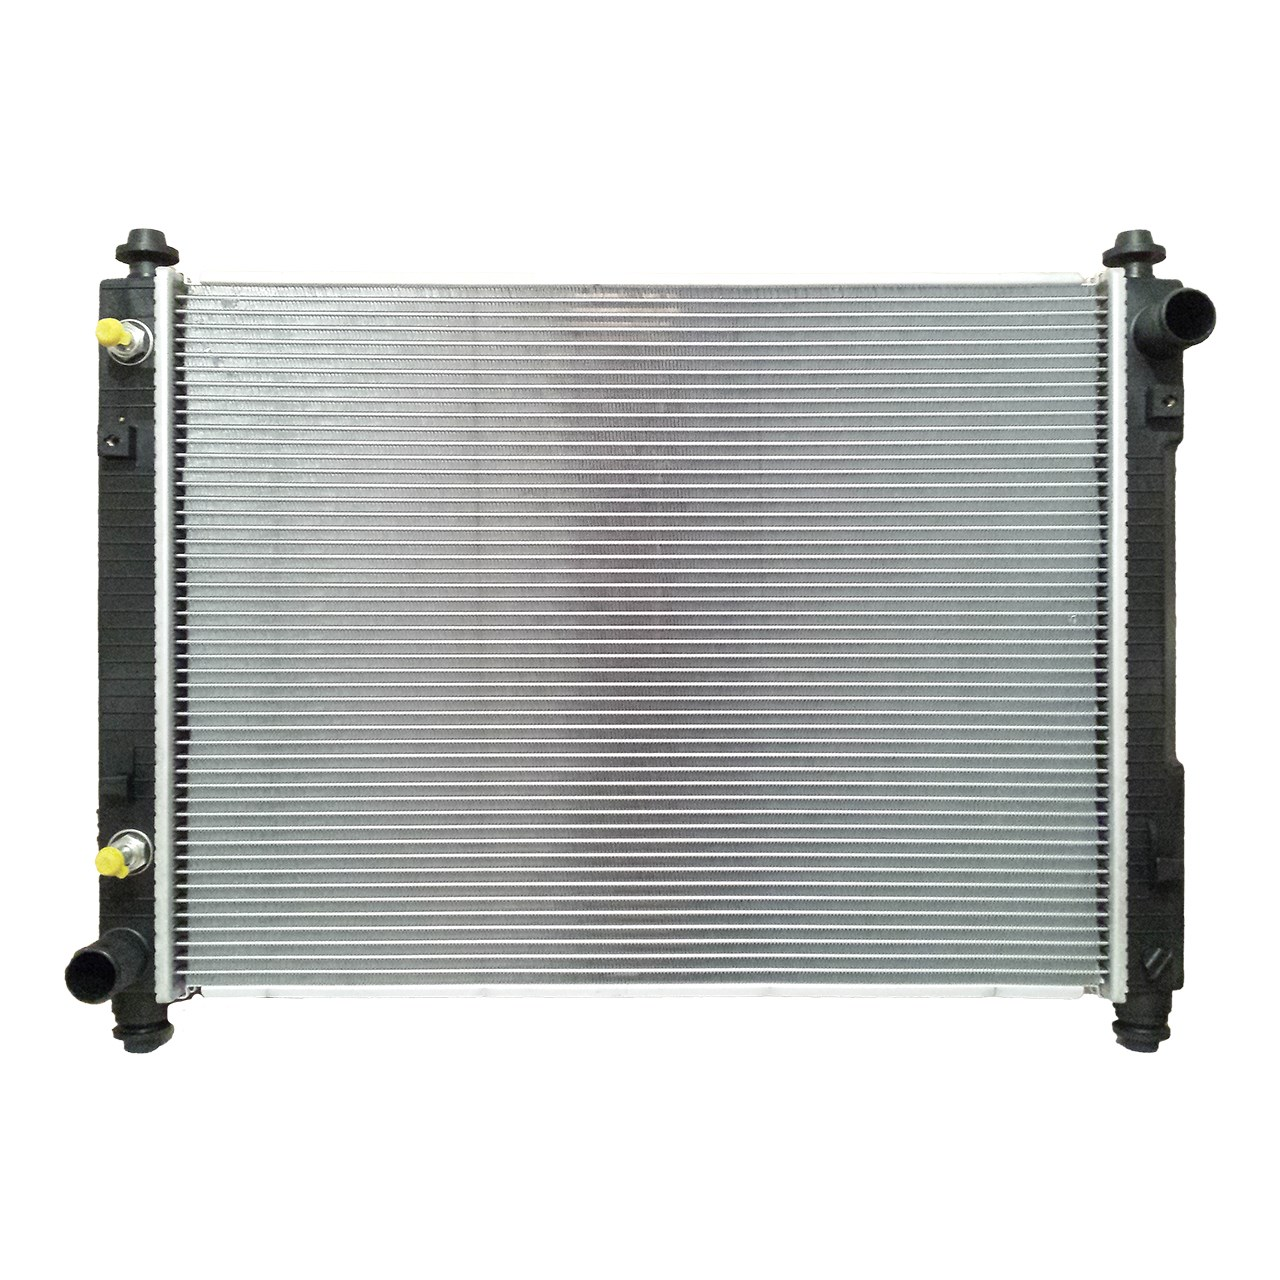 رادیاتور آب رادیاتور ایران چانگان CS35 مدل 158029